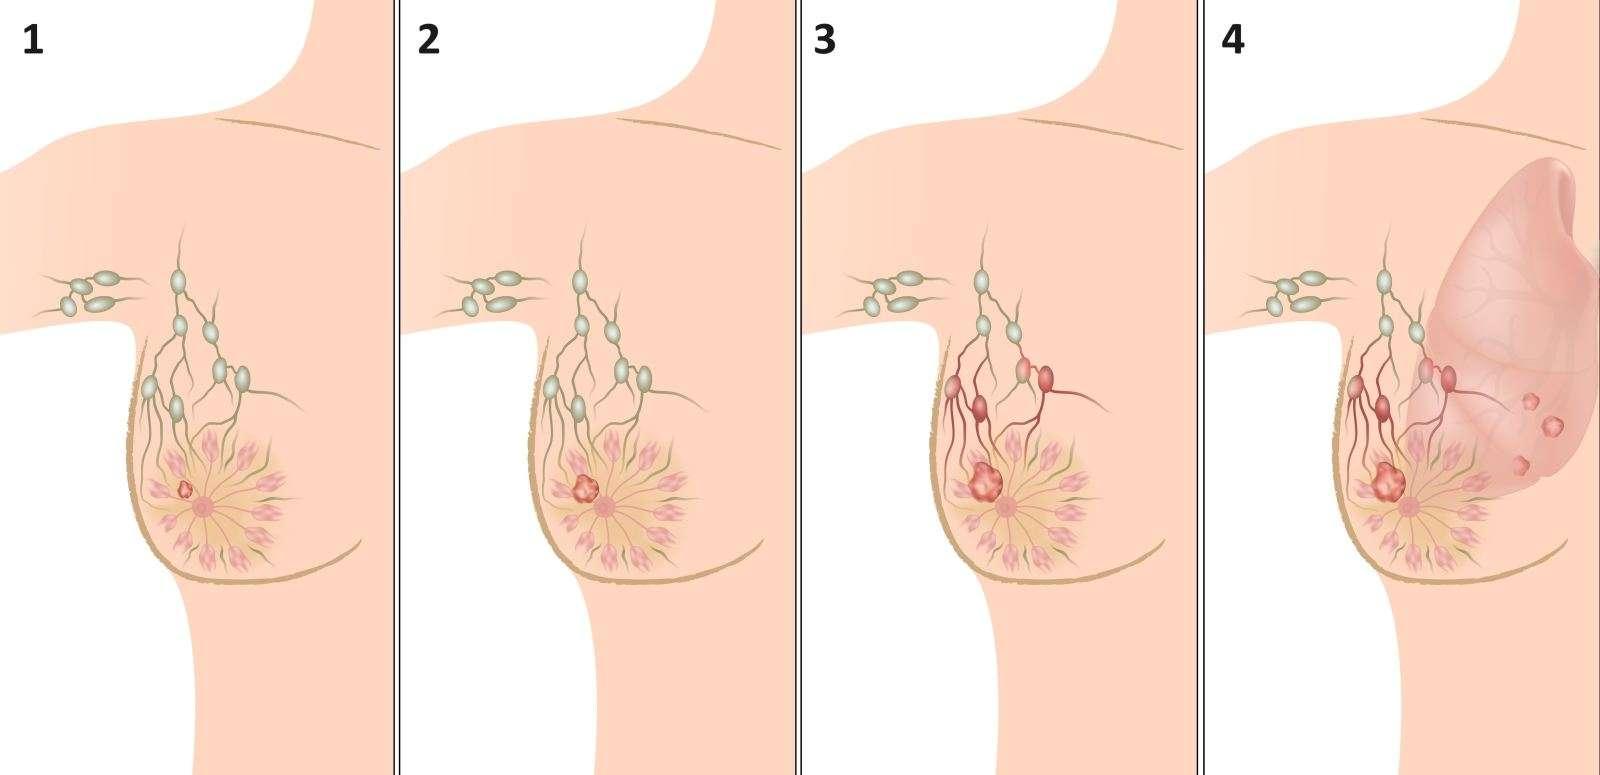 Стадии рака молочной железы